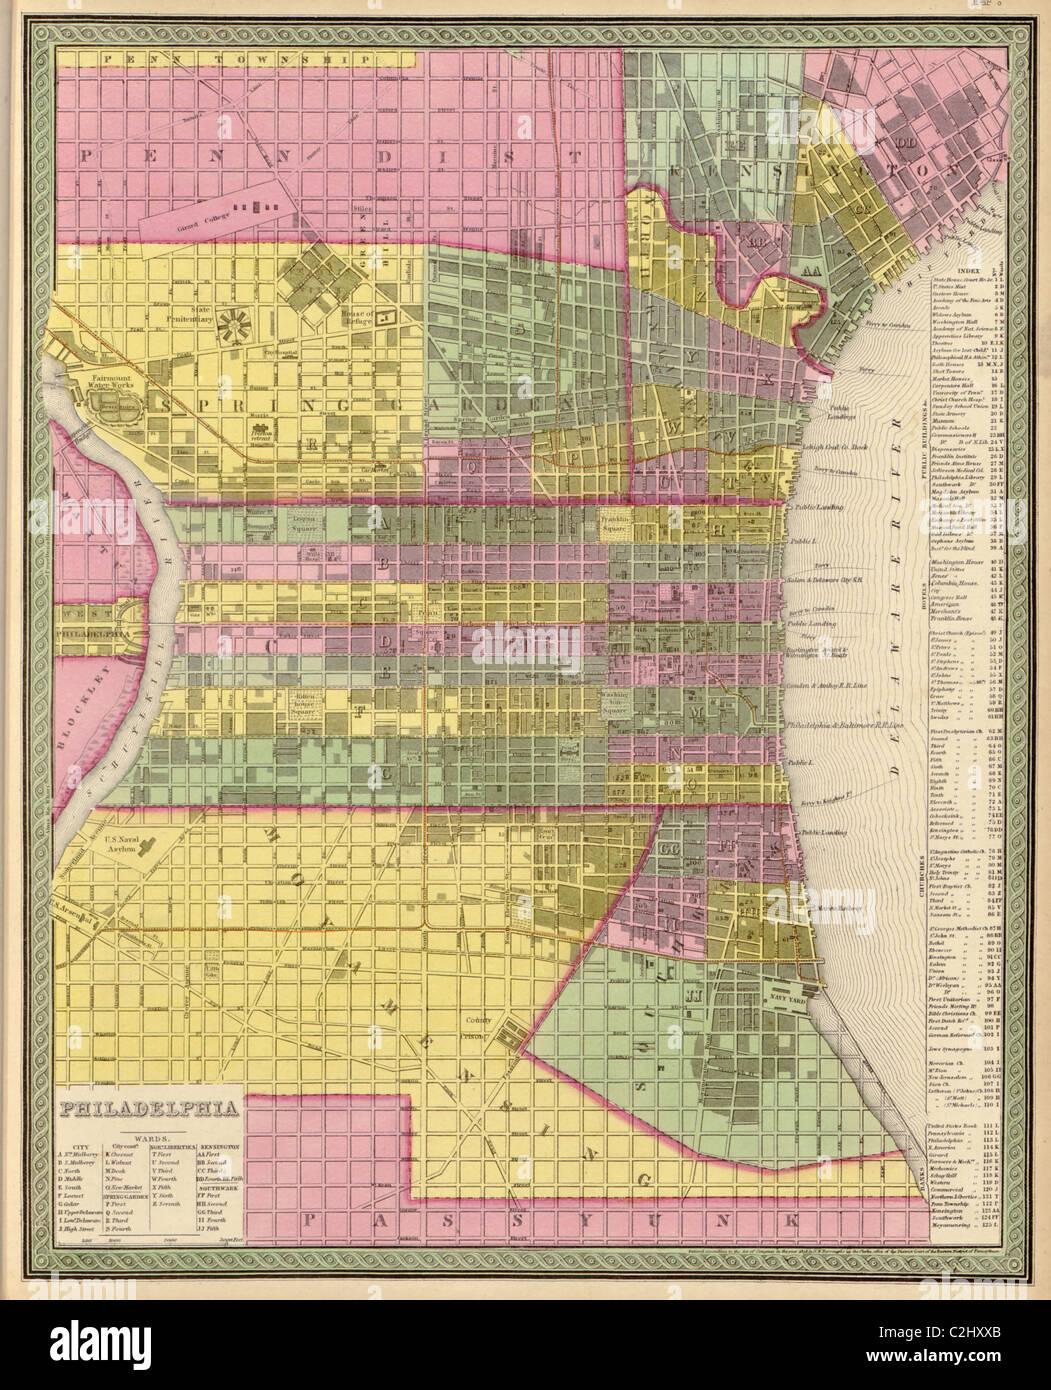 City of Philadelphia - 1849 - Stock Image